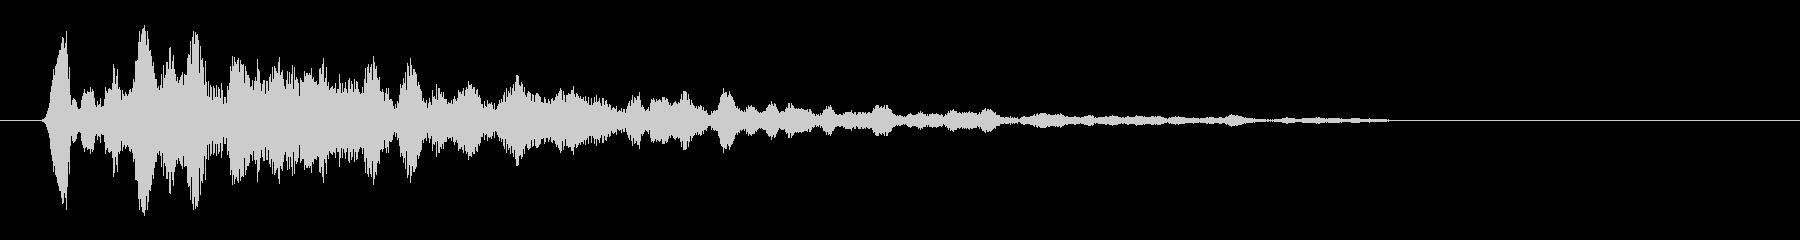 コ〜ン(木材)短めの音の未再生の波形